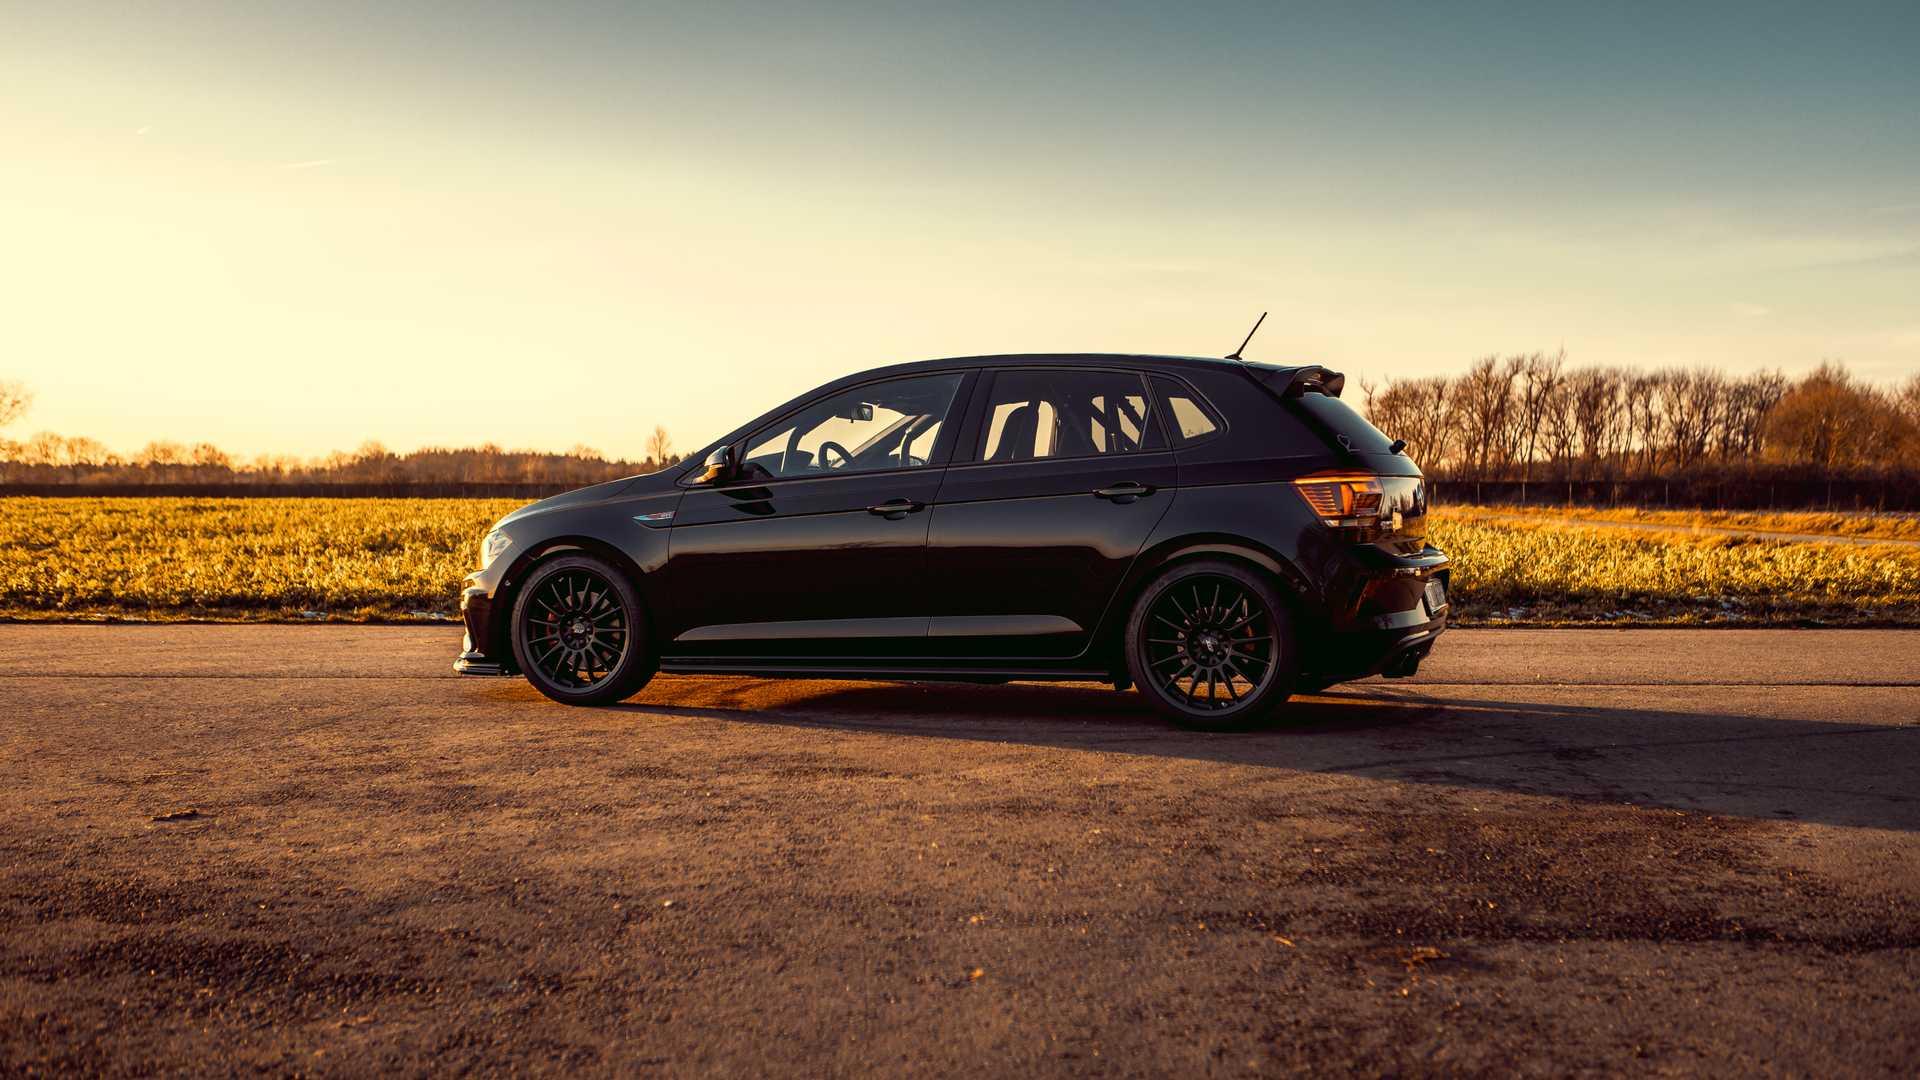 Volkswagen-Polo-GTI-by-Siemoneit-Racing-2